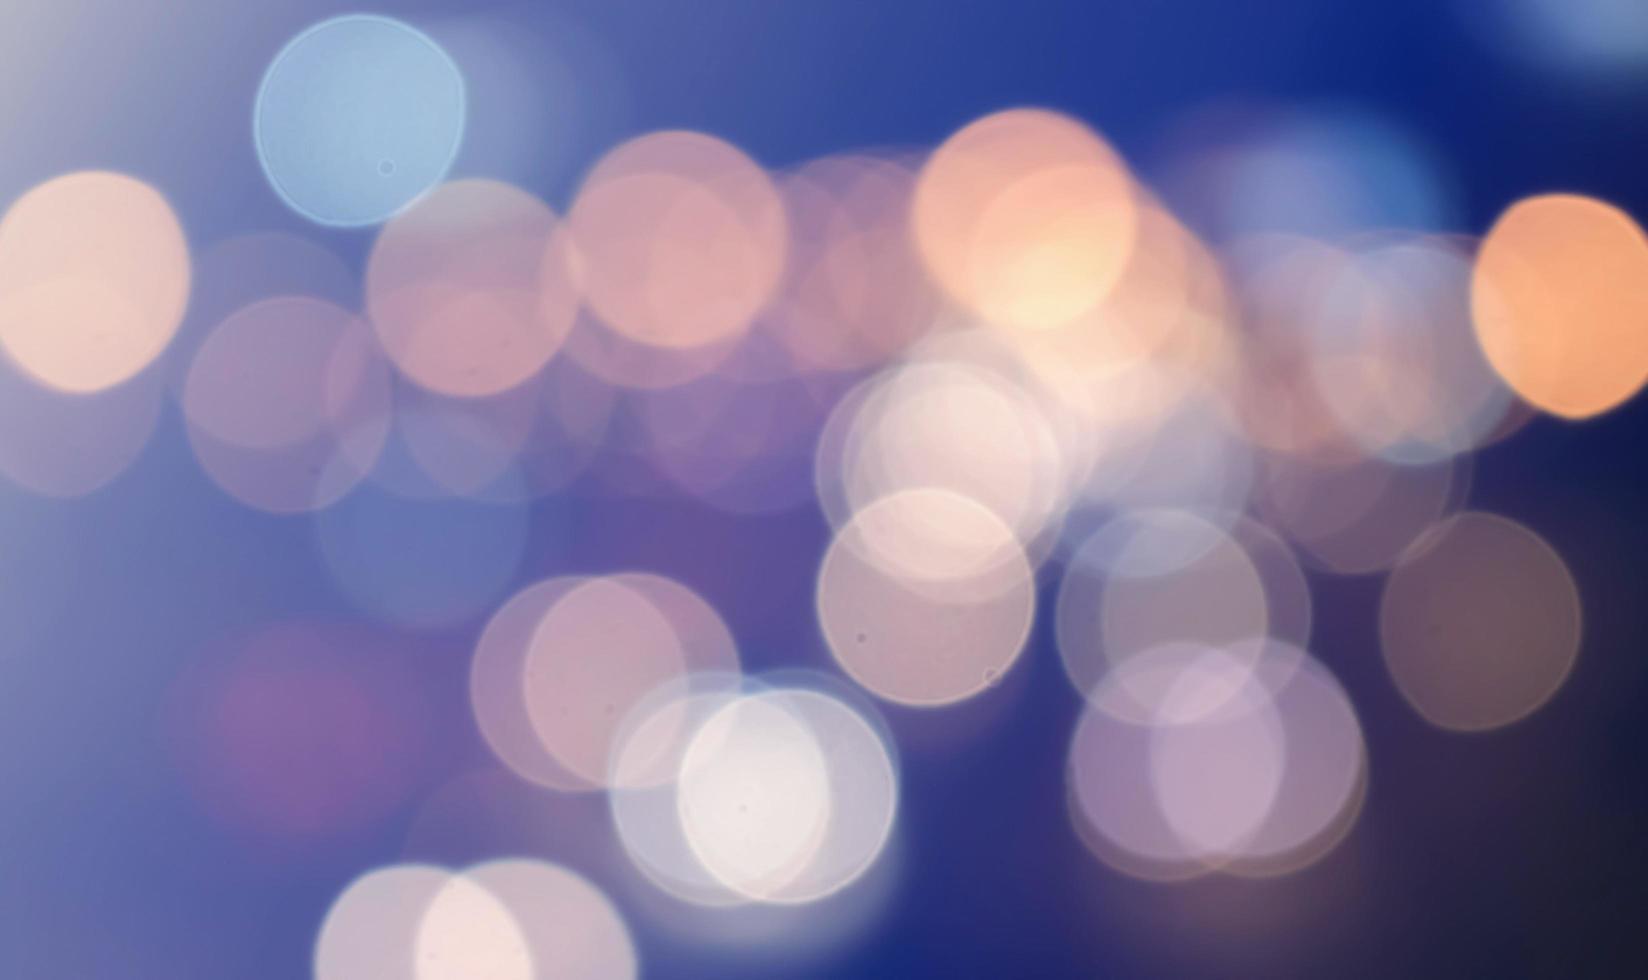 bokeh cirkulärt ljus, glittrande trafikljus skimmer foto